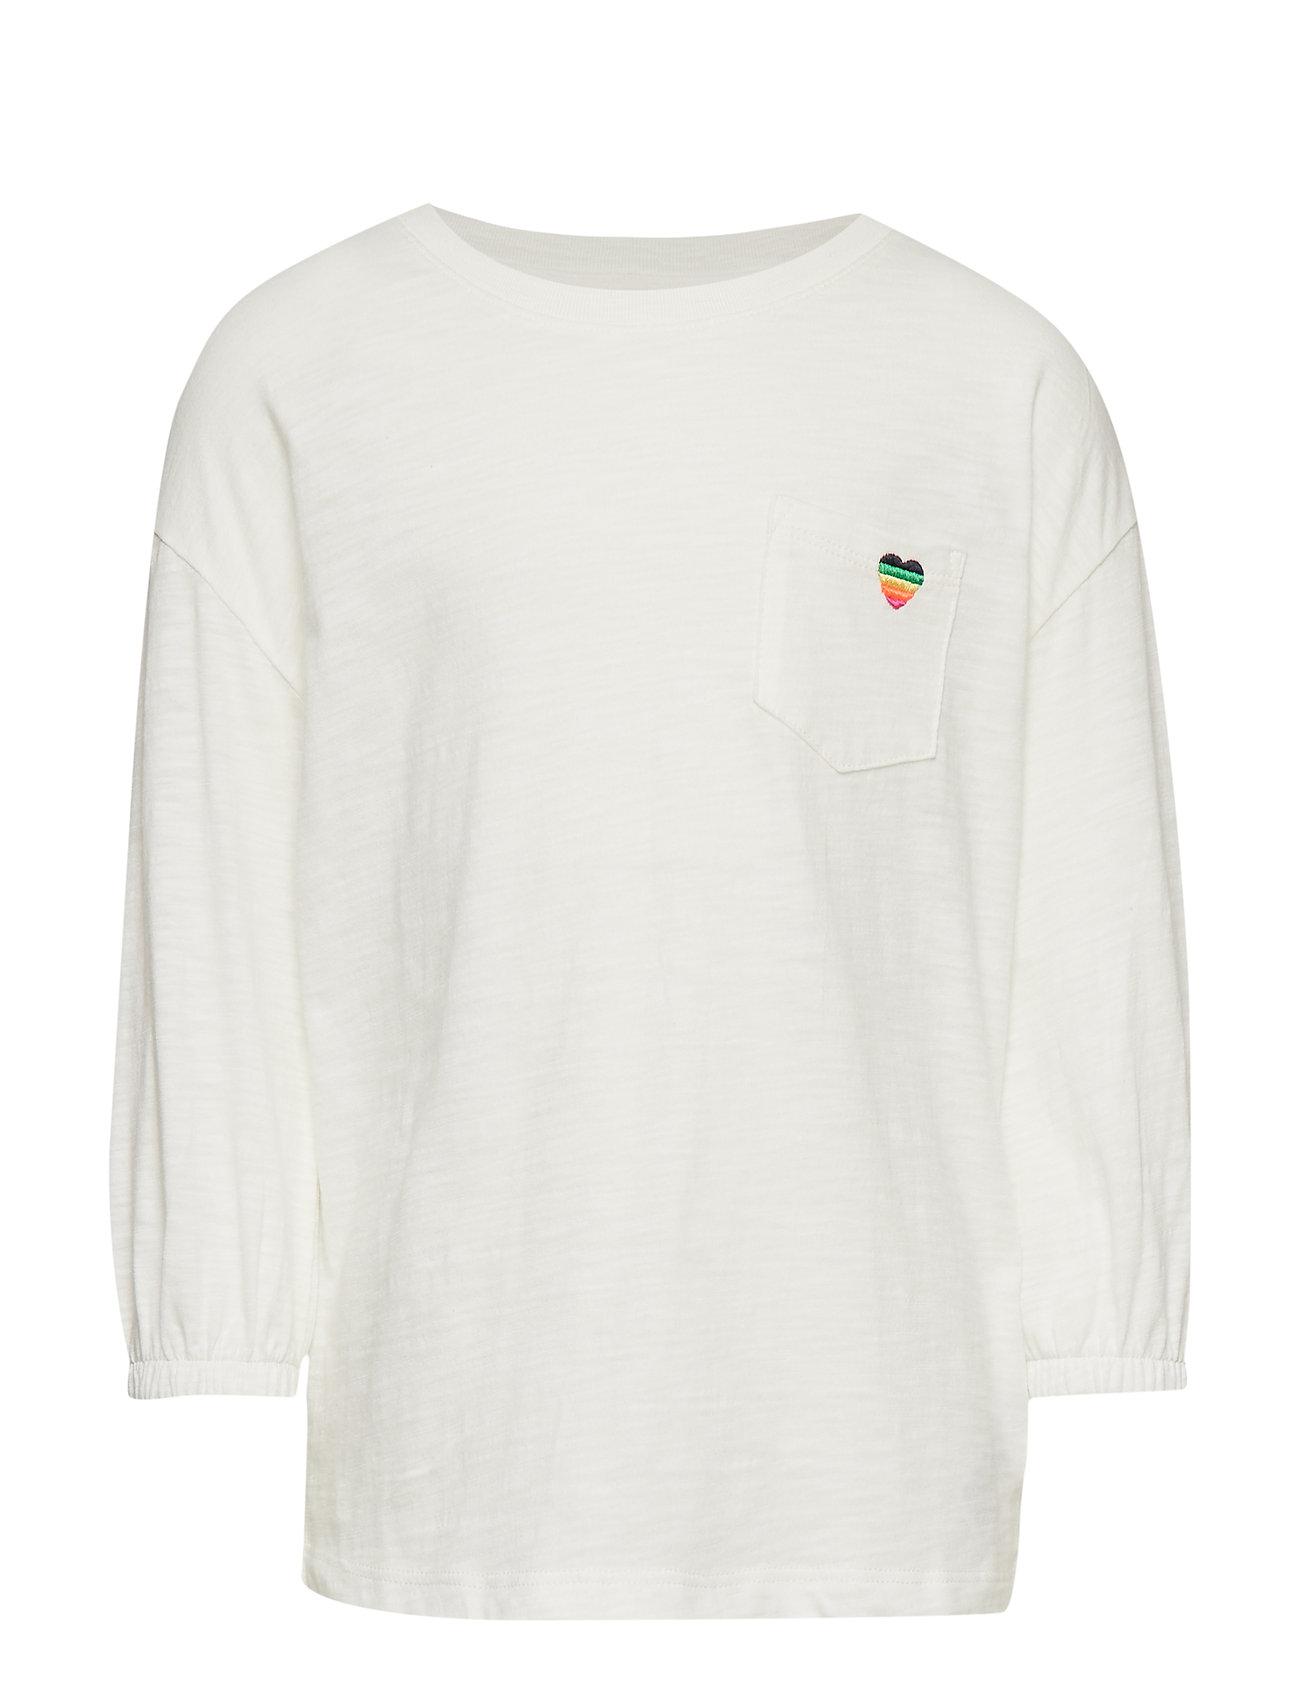 Image of Kids Balloon-Sleeve Pocket T-Shirt Langærmet T-shirt Hvid GAP (3207953395)